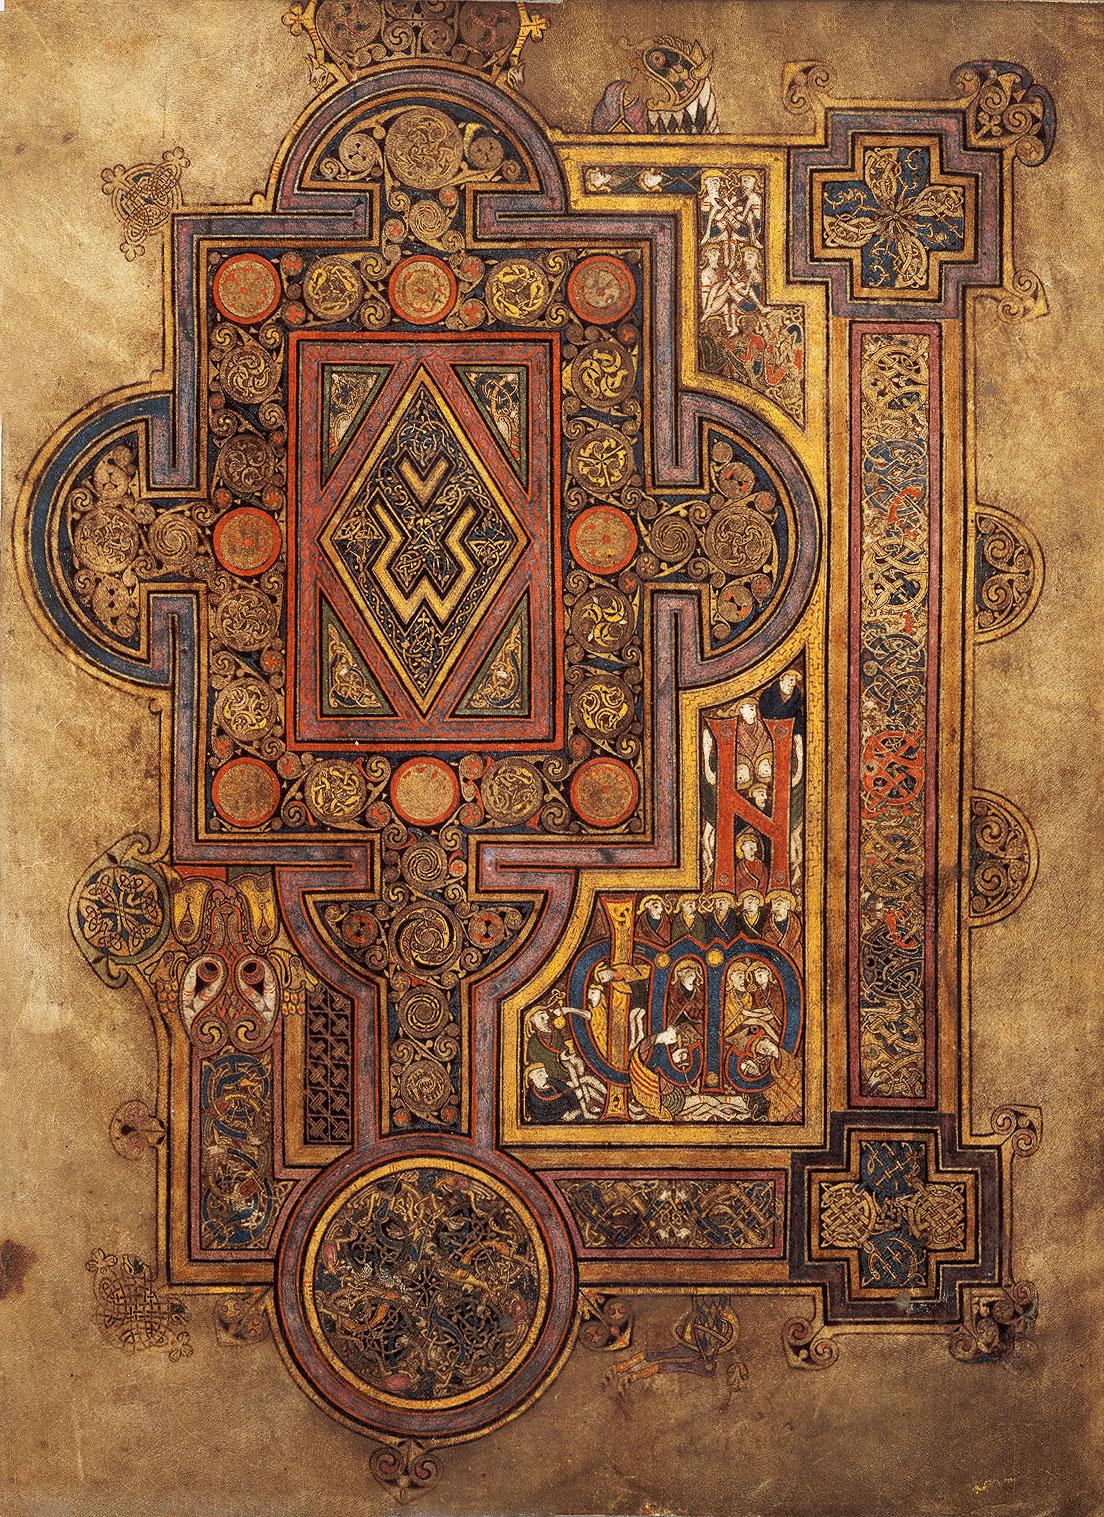 book of kells ireland in context